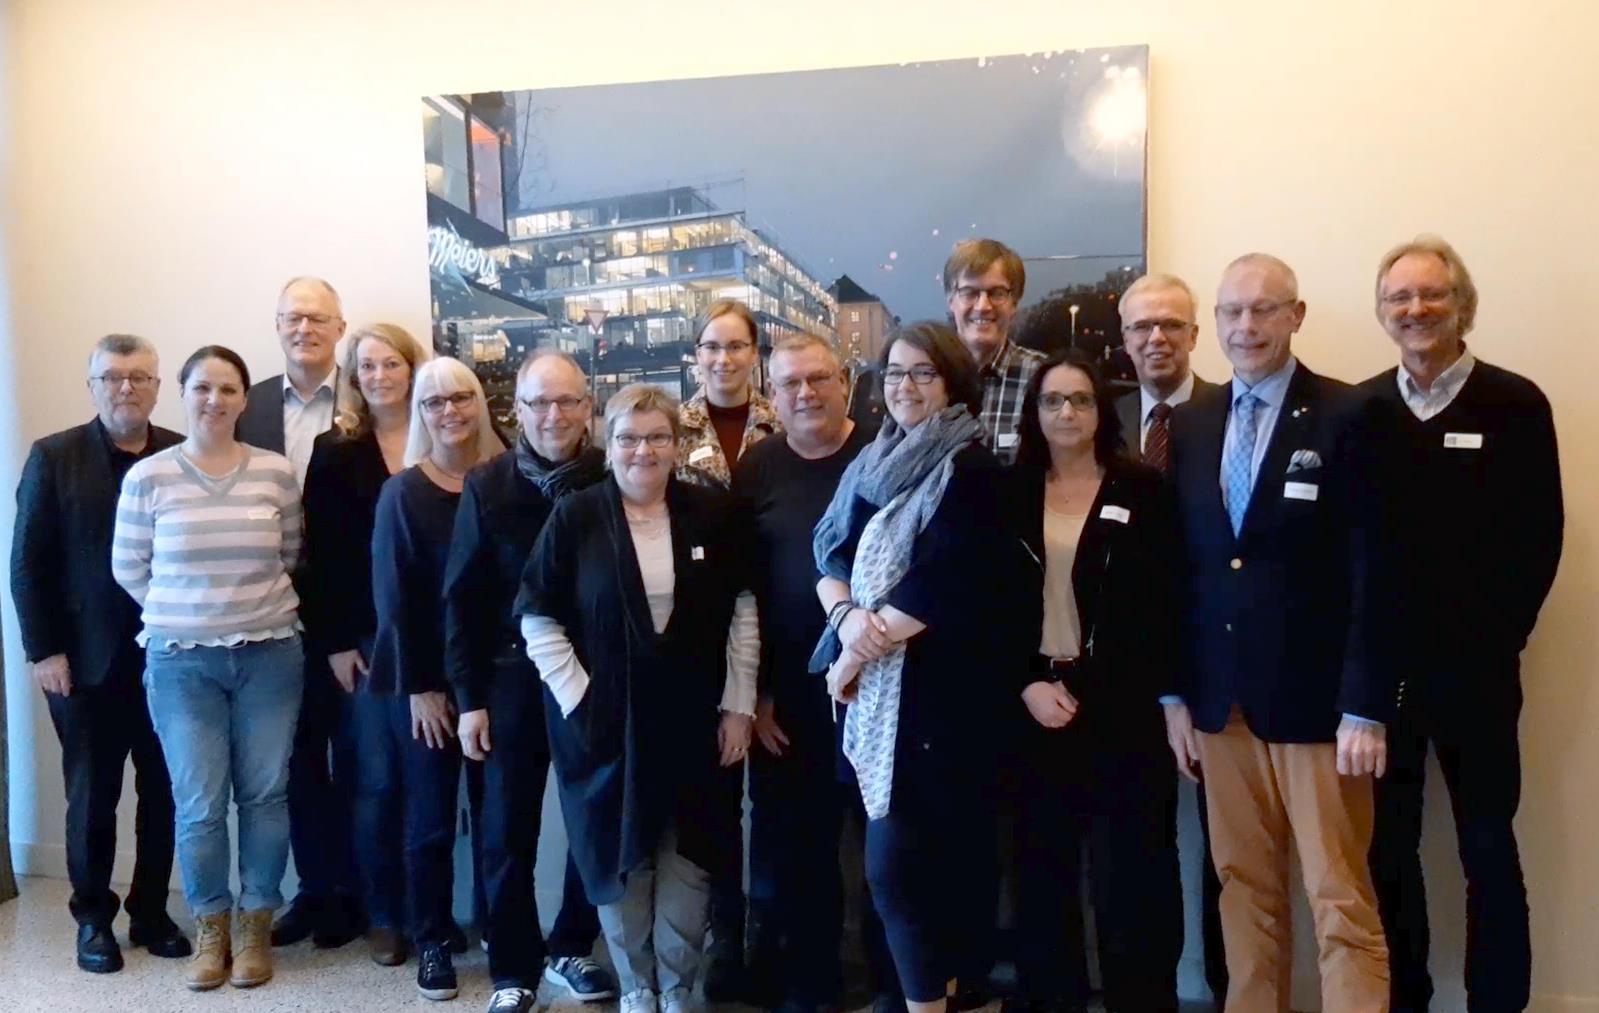 Die Teilnehmenden am politischen Gespräch im Landtag zu Hannover